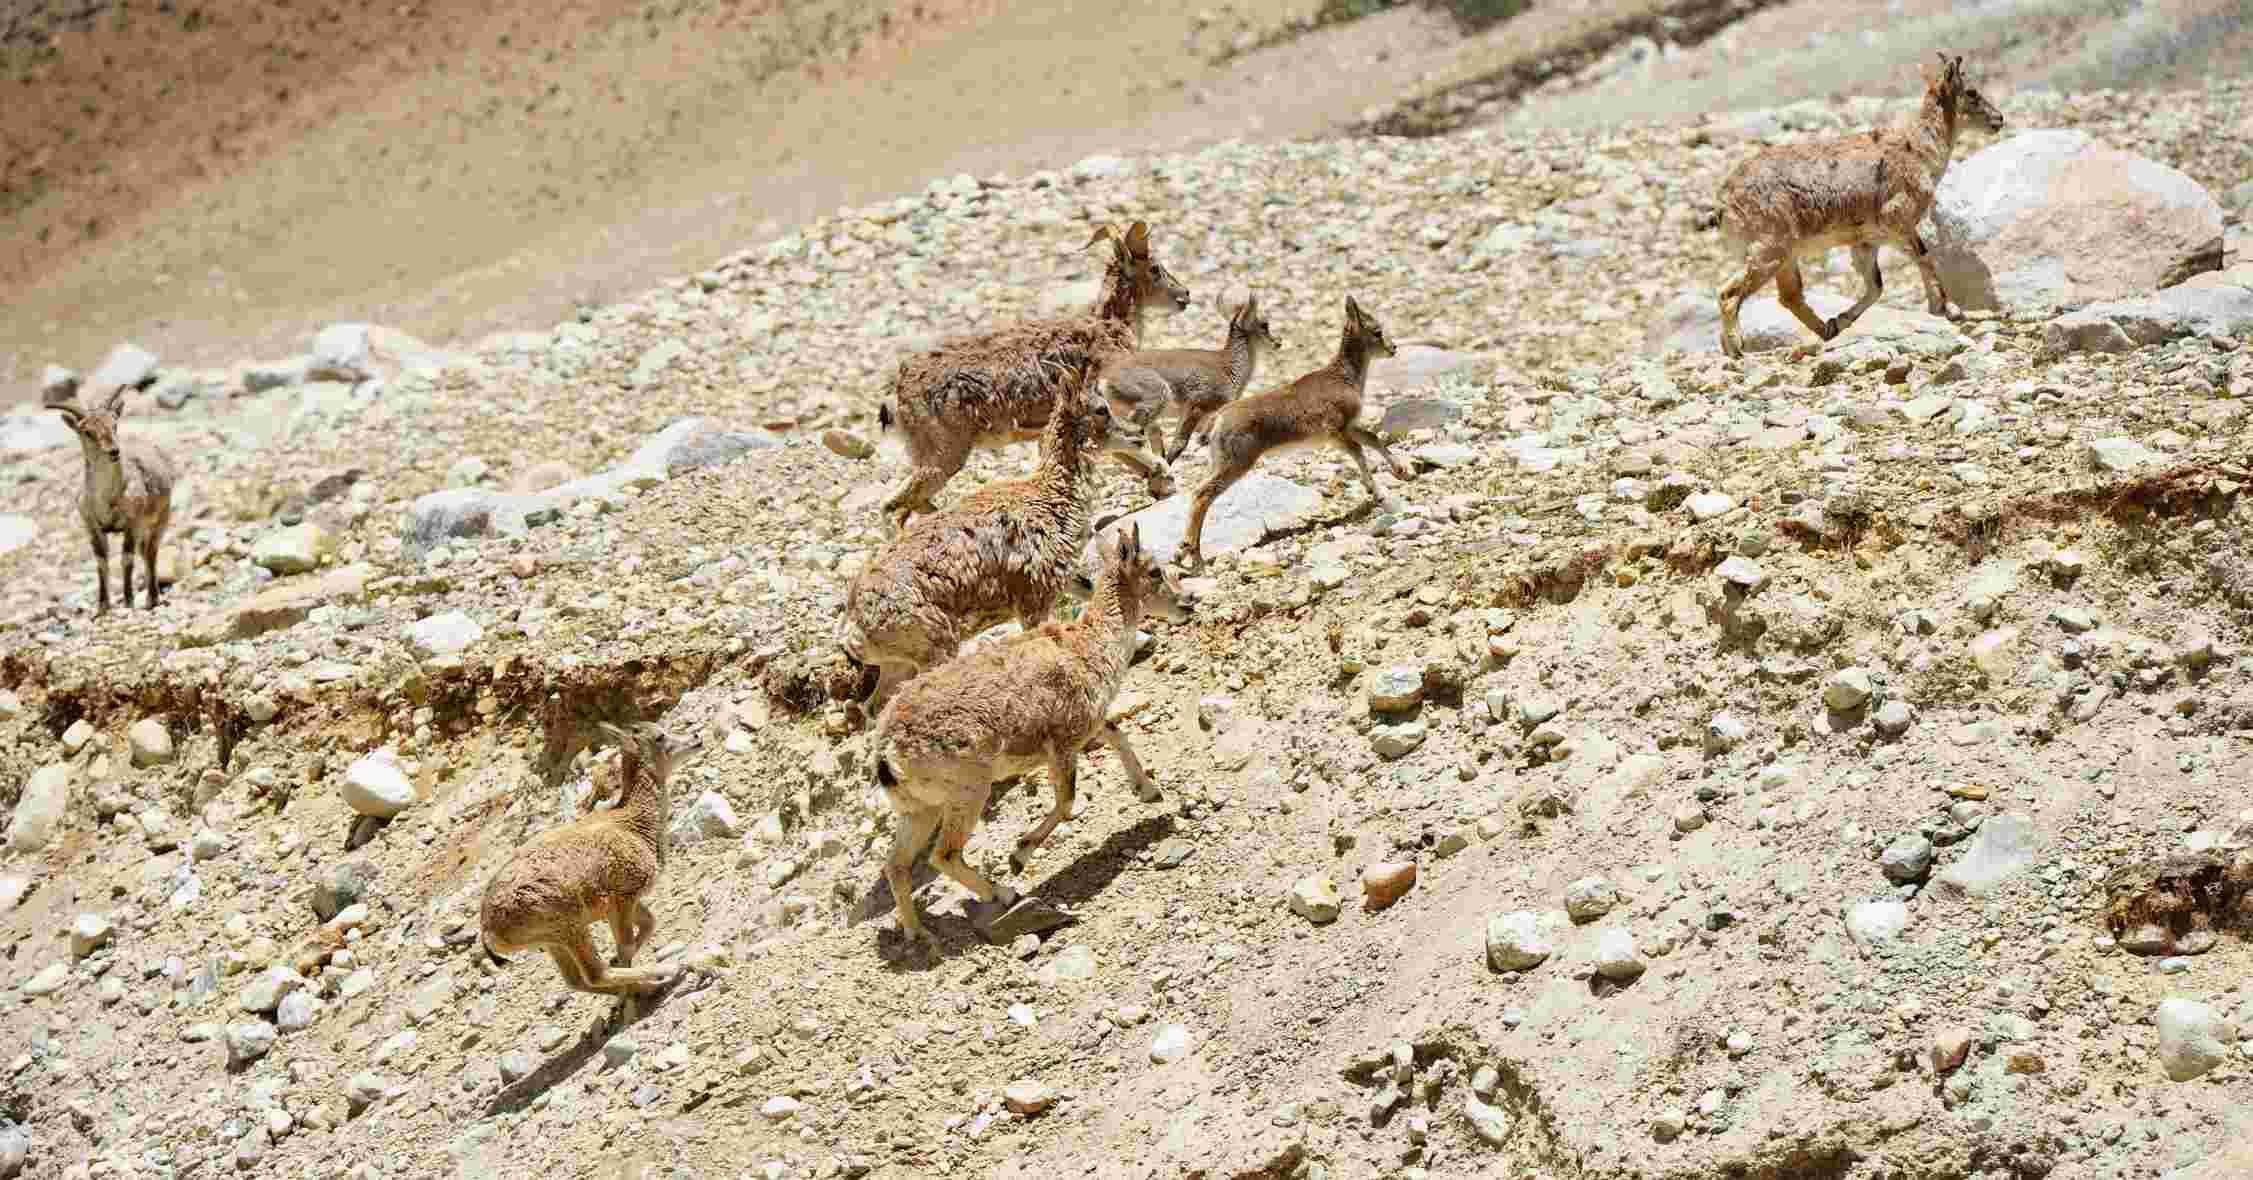 新华社照片,定日(西藏),2015年8月5日   珠峰大本营景区:邂逅岩羊   珠峰大本营旁一群岩羊在上坡(7月27日摄)。   7月27日,记者在海拔5200米的珠峰大本营采访,邂逅一群岩羊在小溪里饮水后自由自在地穿行公路。   据珠穆朗玛峰国家级自然保护区管理局普琼介绍,自1988年3月管理局成立以来,乱捕滥猎野生动物明显减少,绝大多数保护物种范围不断扩大、种群数量得以恢复性增长。以国家二级重点保护野生动物岩羊为例,27年间种群数量增长40%左右。   新华社记者 张汝锋 摄